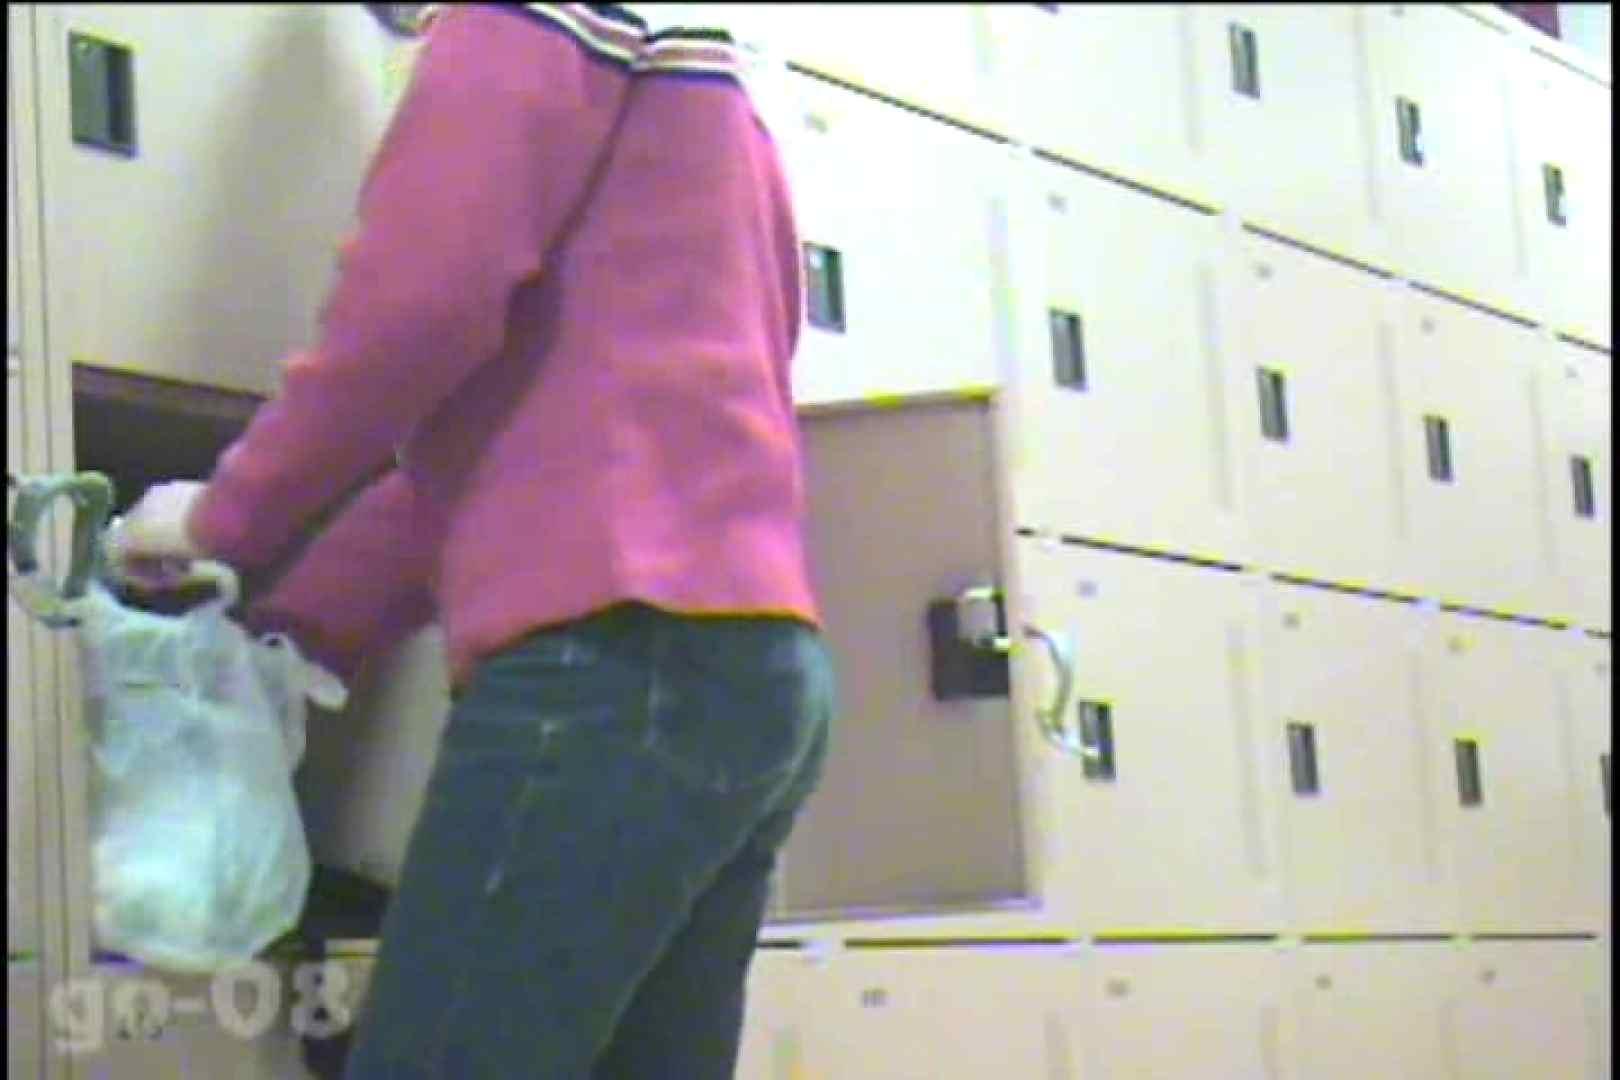 電波カメラ設置浴場からの防HAN映像 Vol.08 OLのボディ   盗撮  65PIX 61